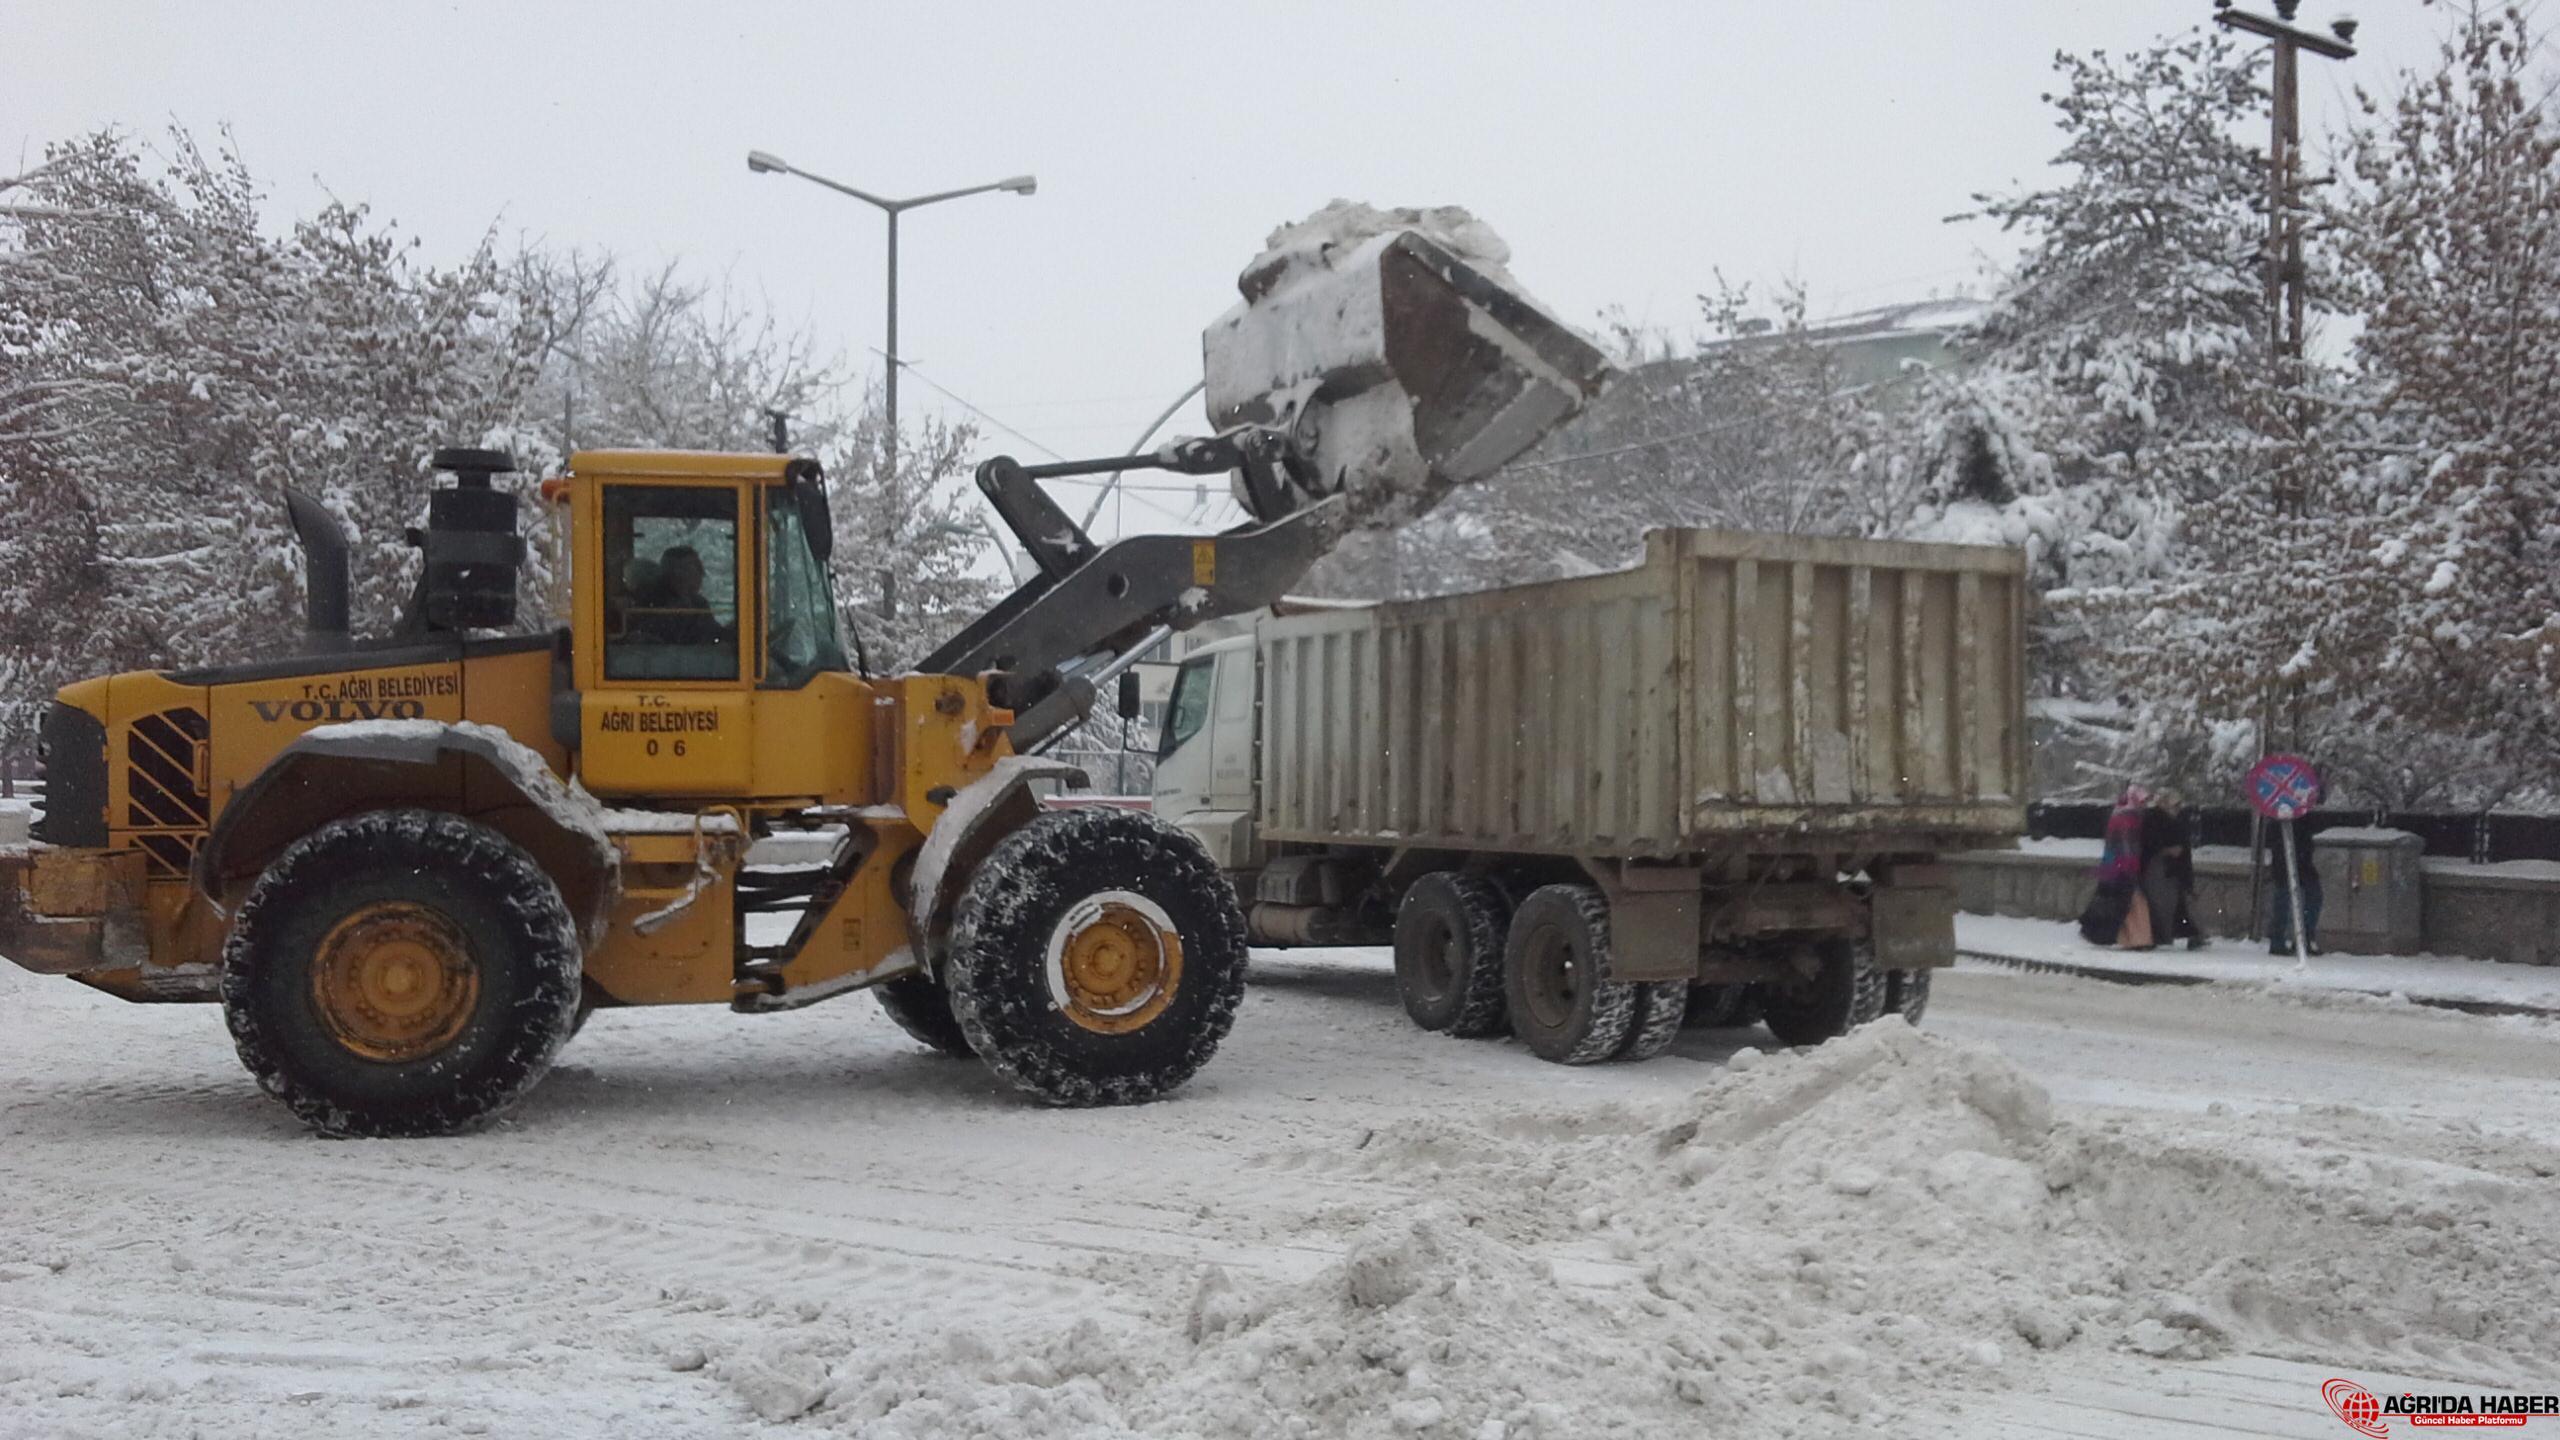 Ağrı Belediyesi Karla Mücadele Çalışması Devam Ediyor